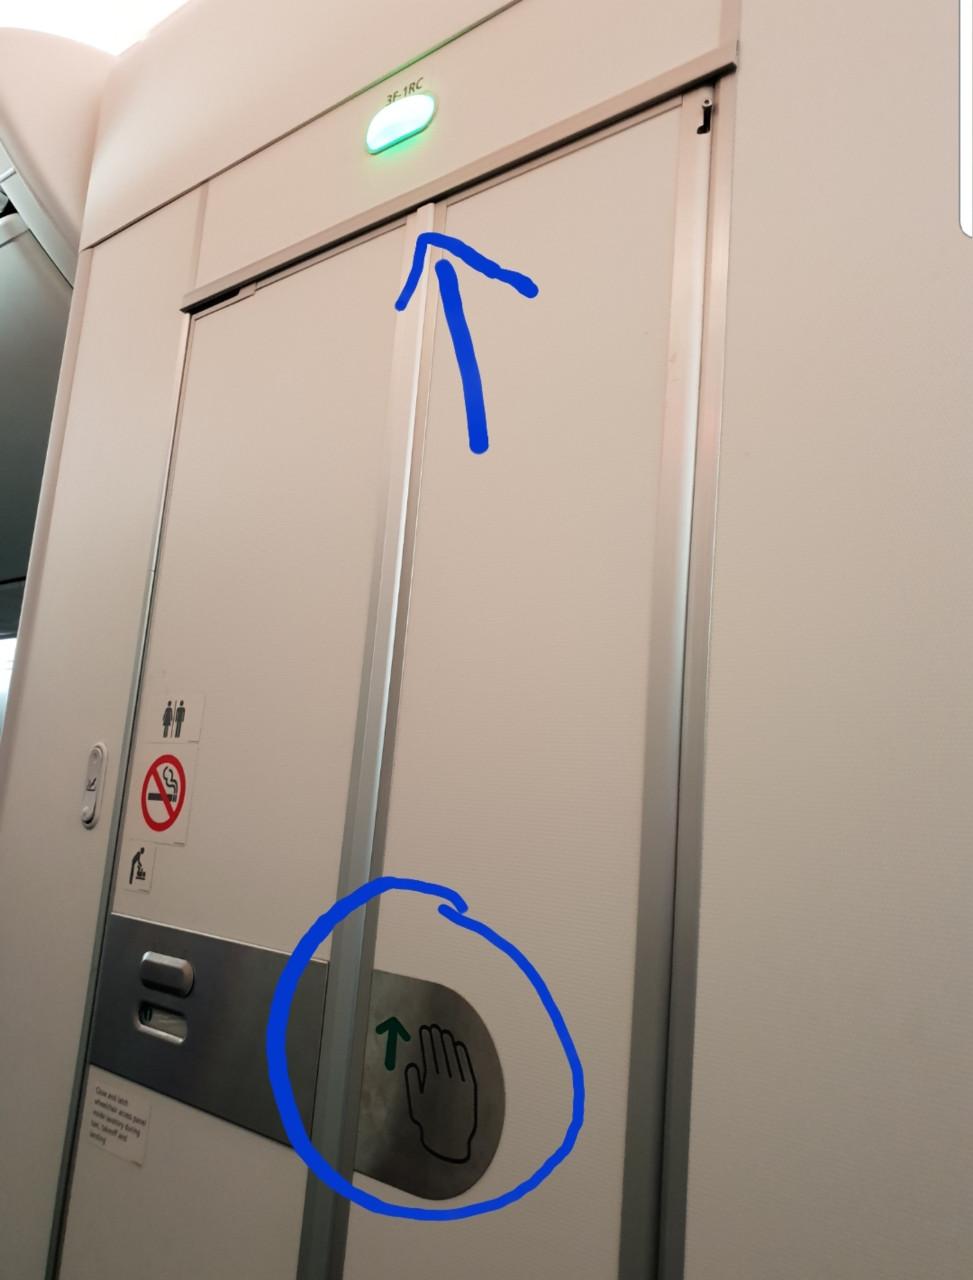 tín hiệu đèn trên cửa nhà vệ sinh màu xanh